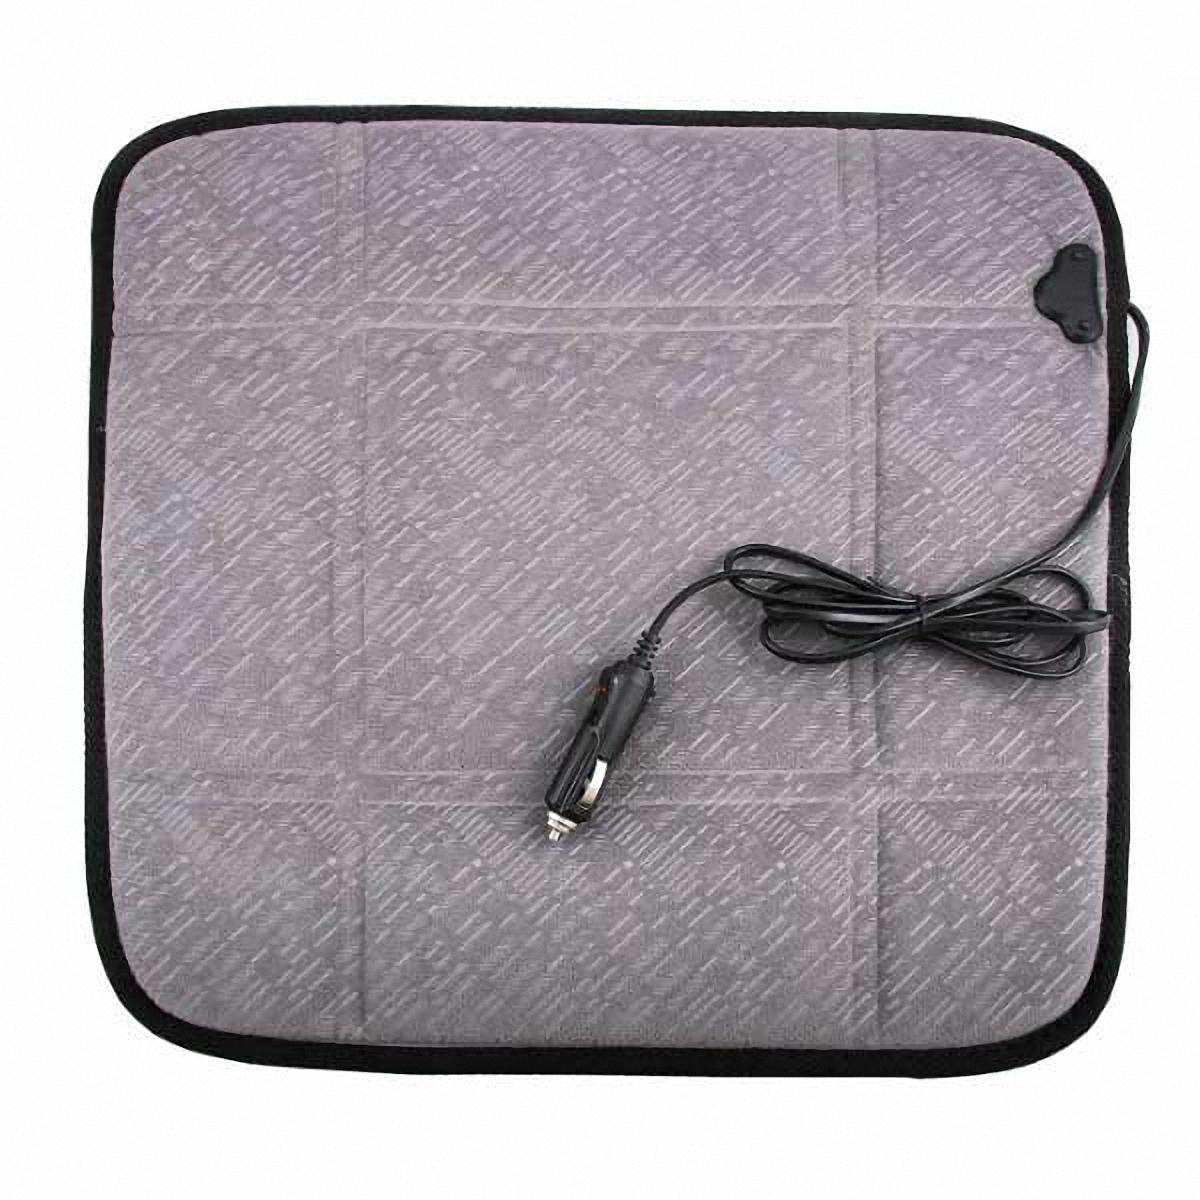 Подогрев для сиденья Skyway 12V, без спинки, 2,5А-3А, цвет: серый, 43 х 43 смS02203004